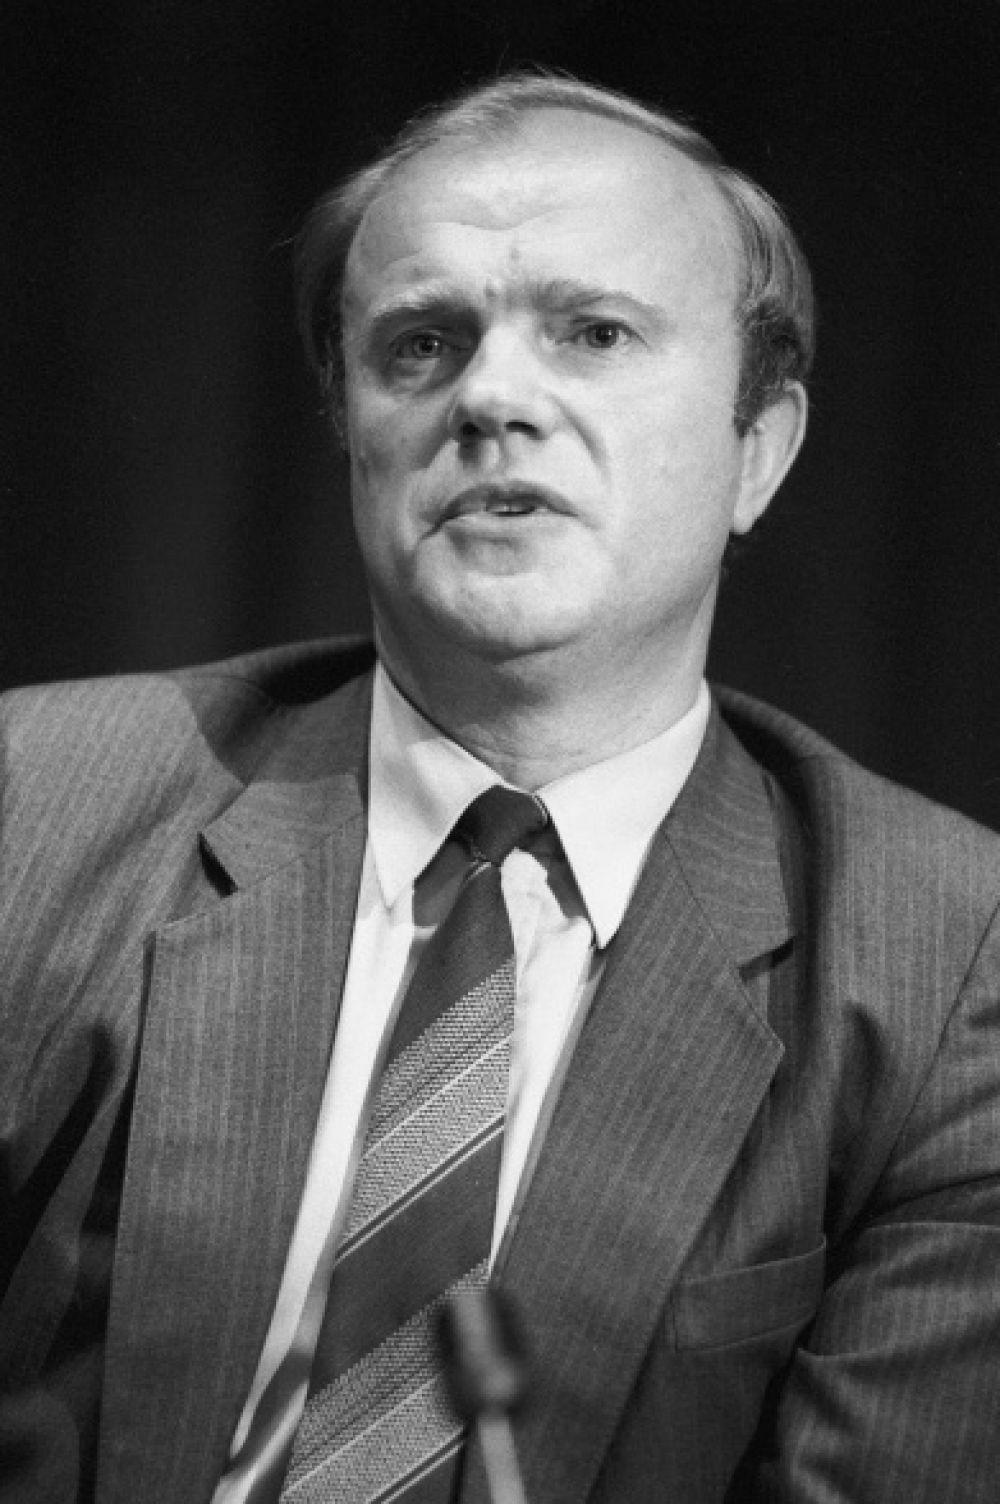 Геннадий Зюганов вступил в КПСС в 1966 году. К тому моменту он уже отслужил в радиационно-химической разведке. Из первого секретаря Орловского обкома ВЛКСМ через несколько лет он превратился в заведующего сектором в отделе агитации и пропаганды ЦК КПСС.